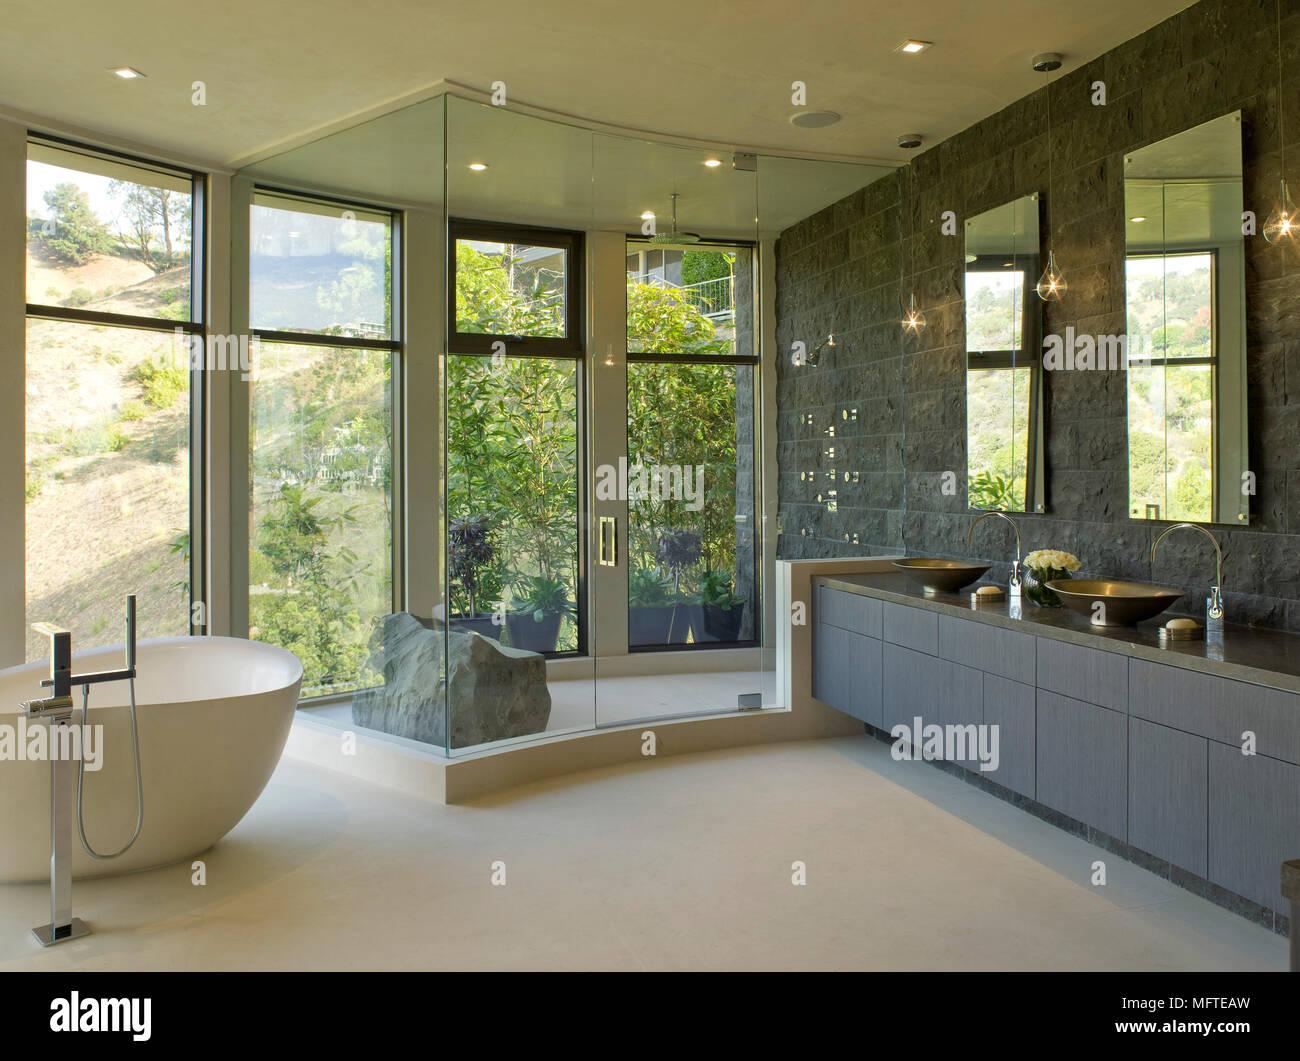 Freistehende Badewanne im modernen Badezimmer Stockfoto ...